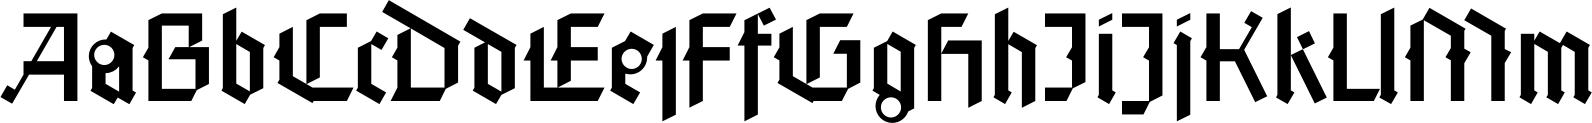 Faber Gotic